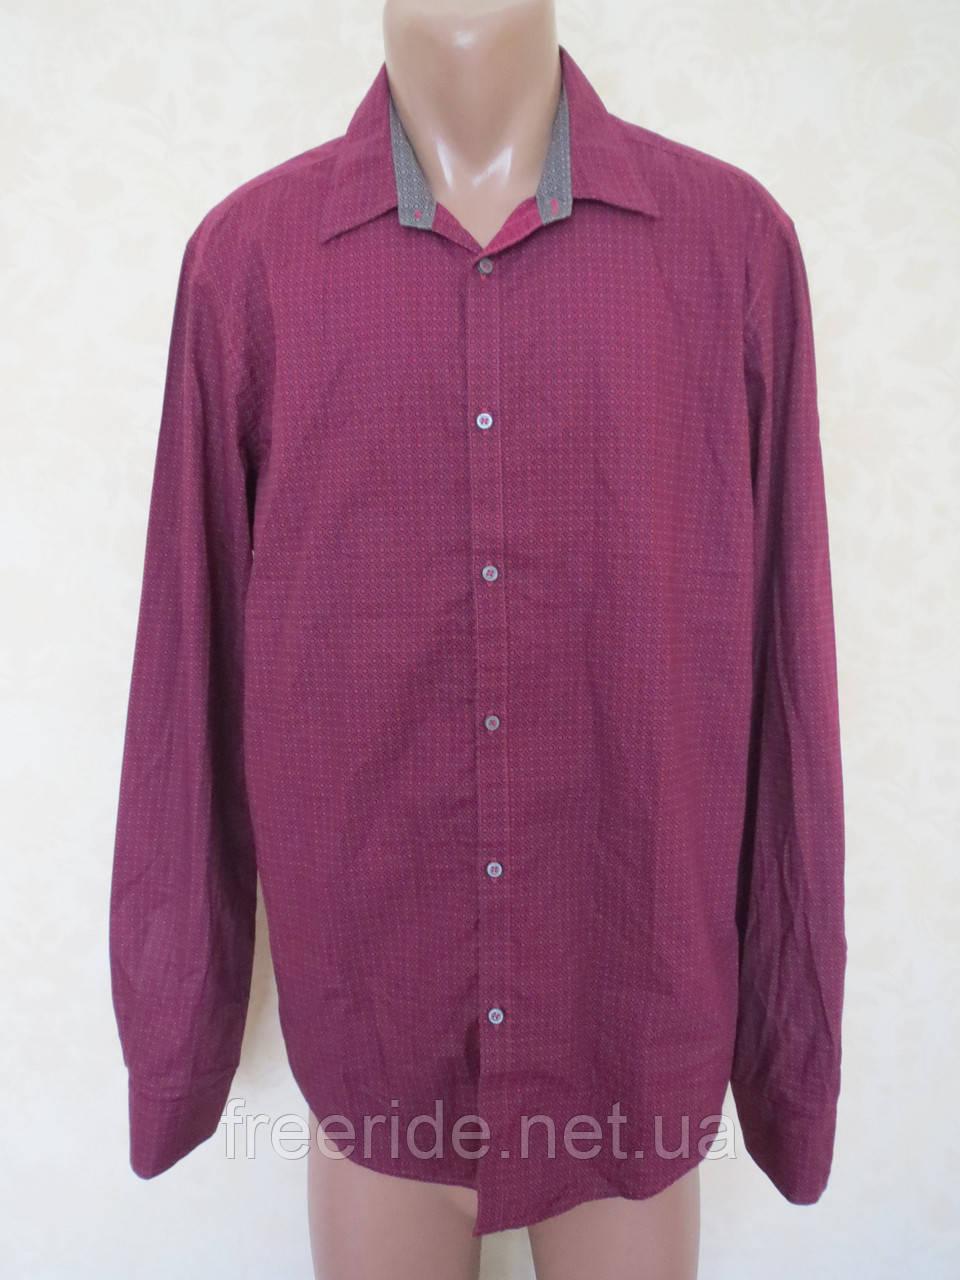 Фирменная рубашка с длинным рукавом MEXX (XL)